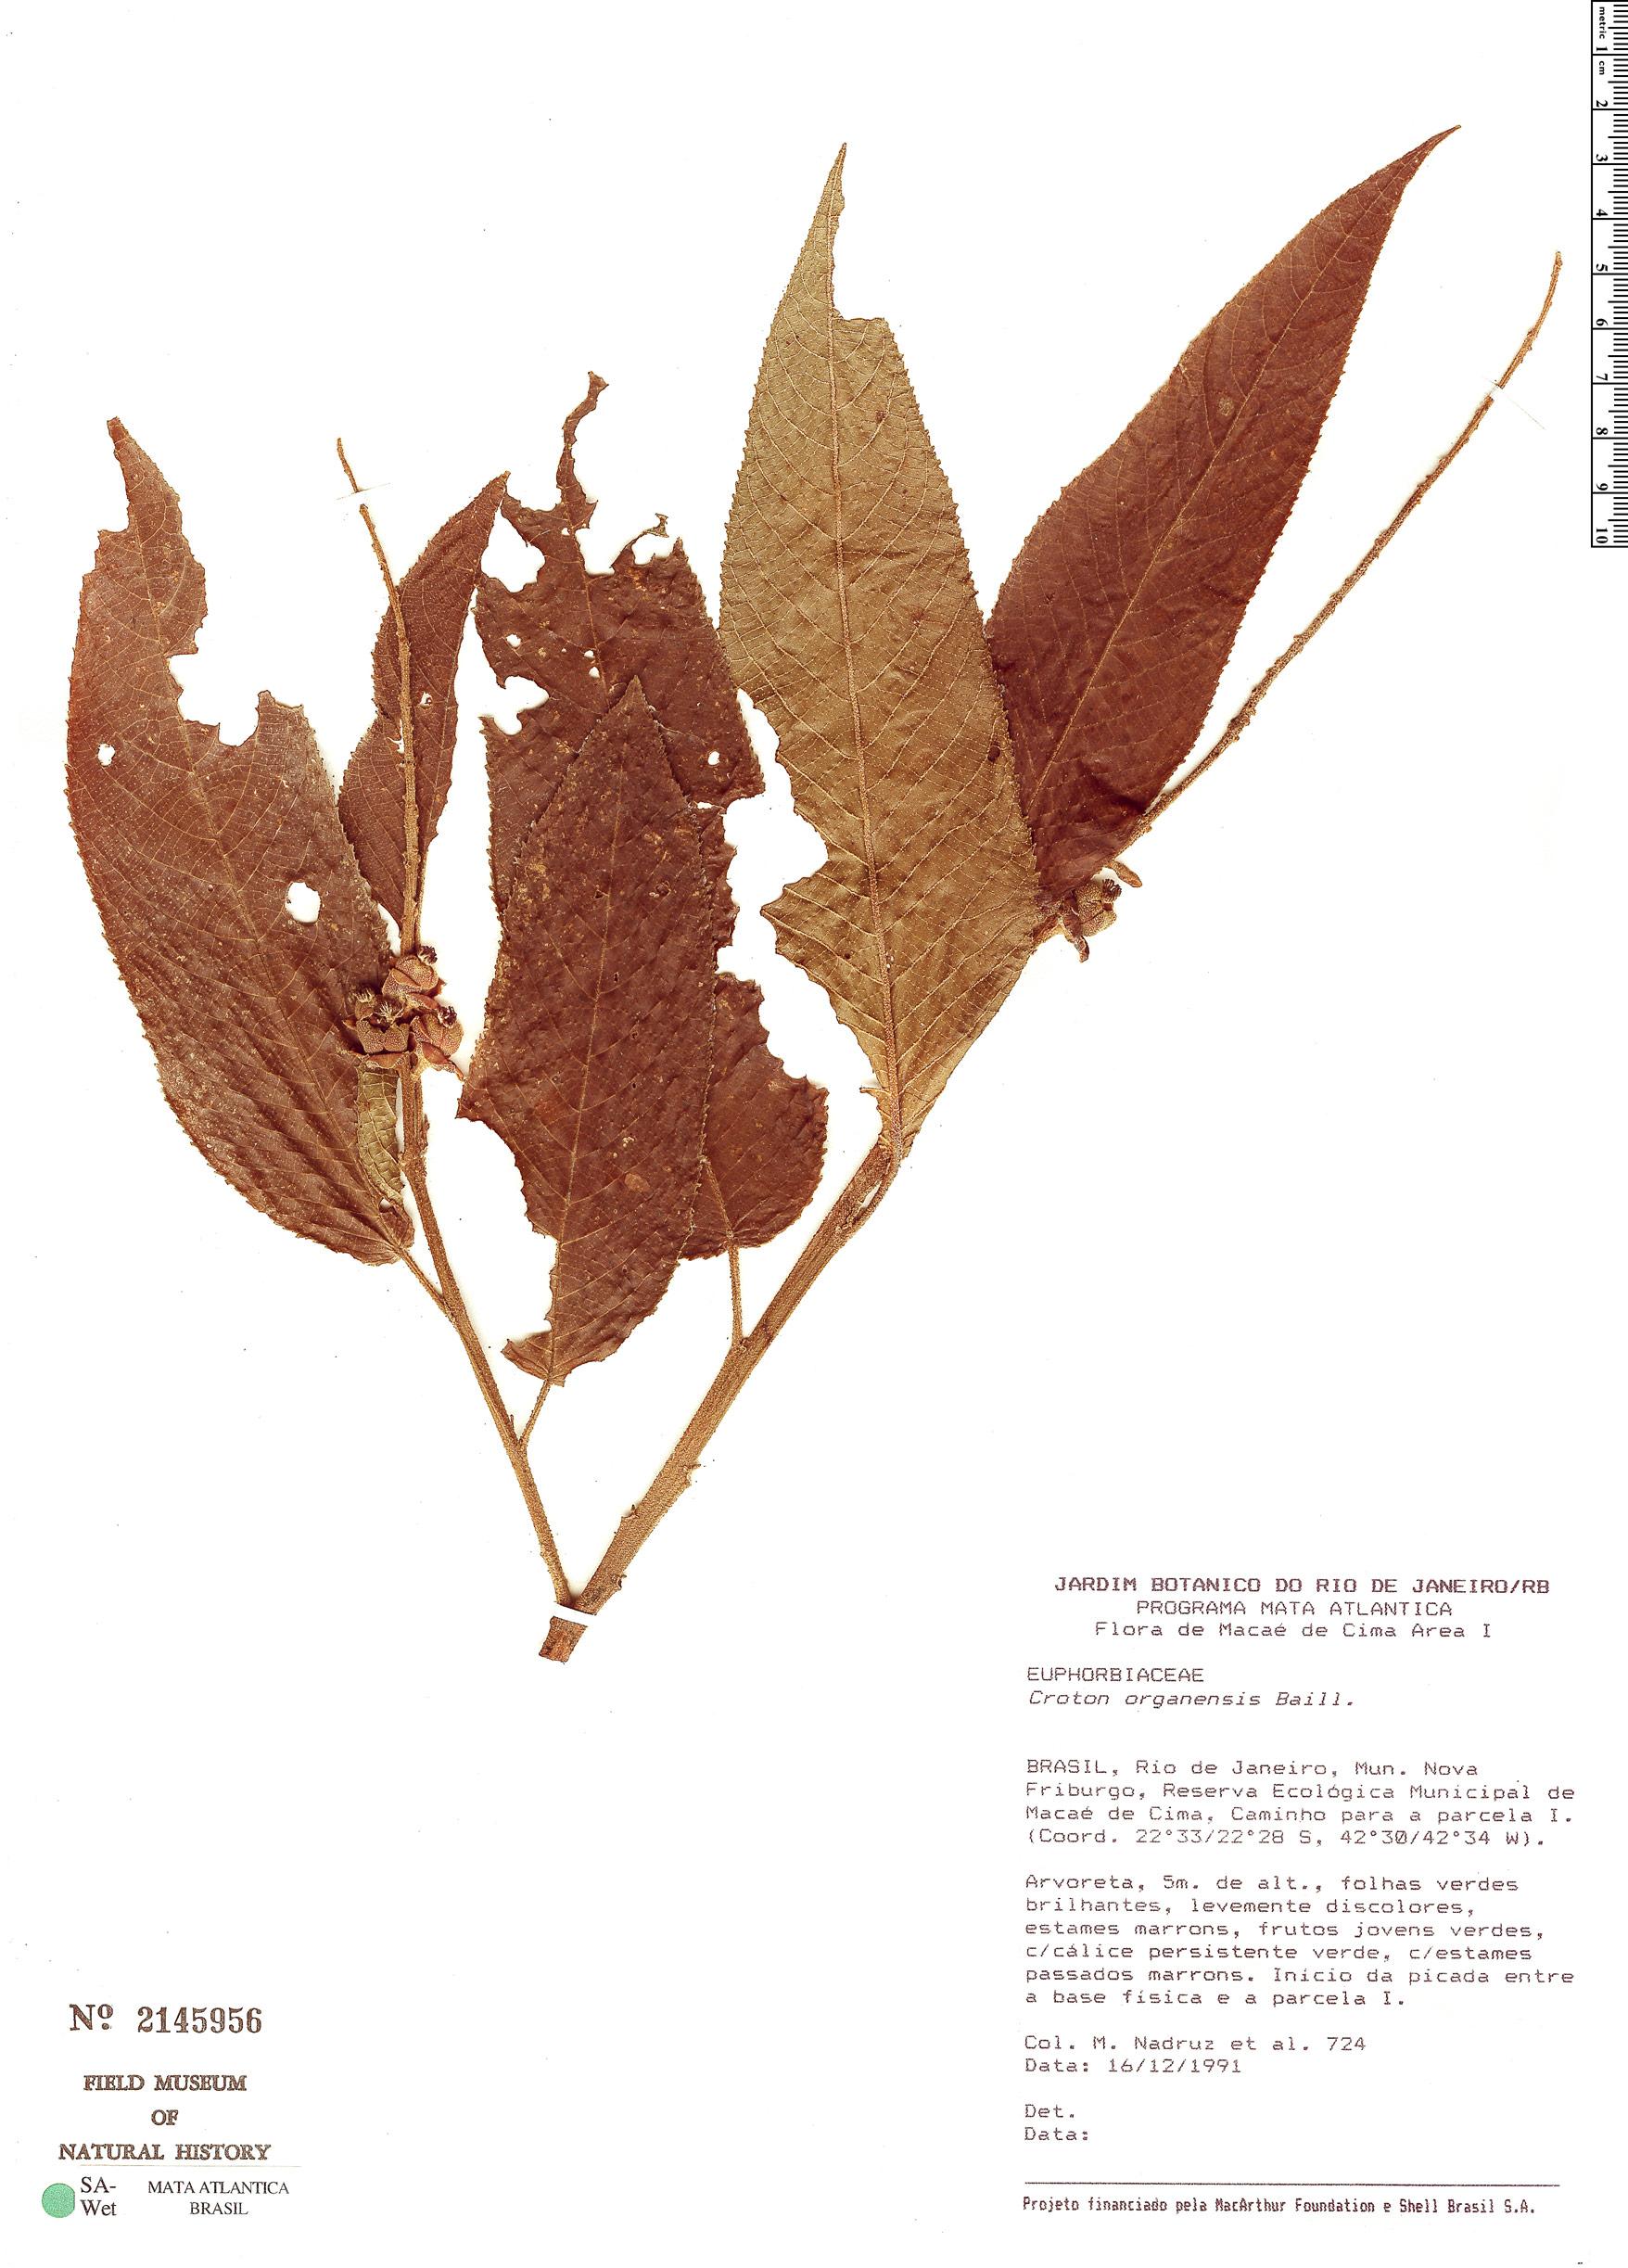 Specimen: Croton organensis